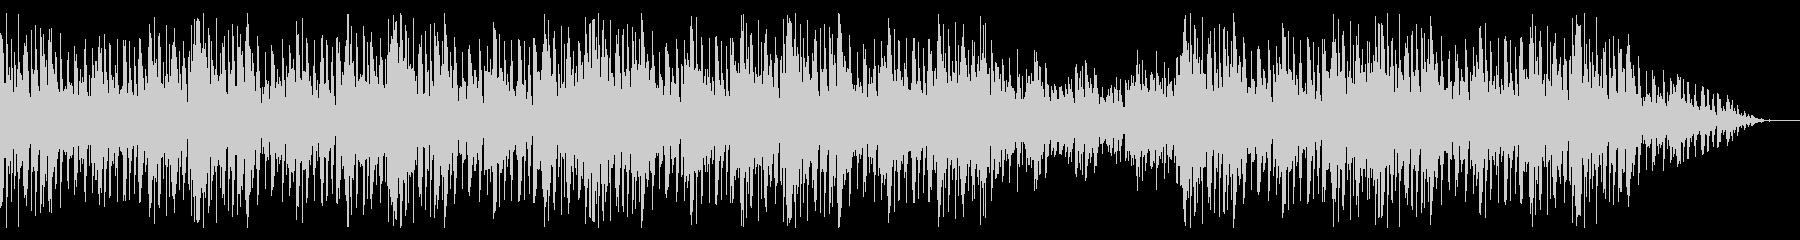 切ないメロディのピアノエレクトロ系BGMの未再生の波形